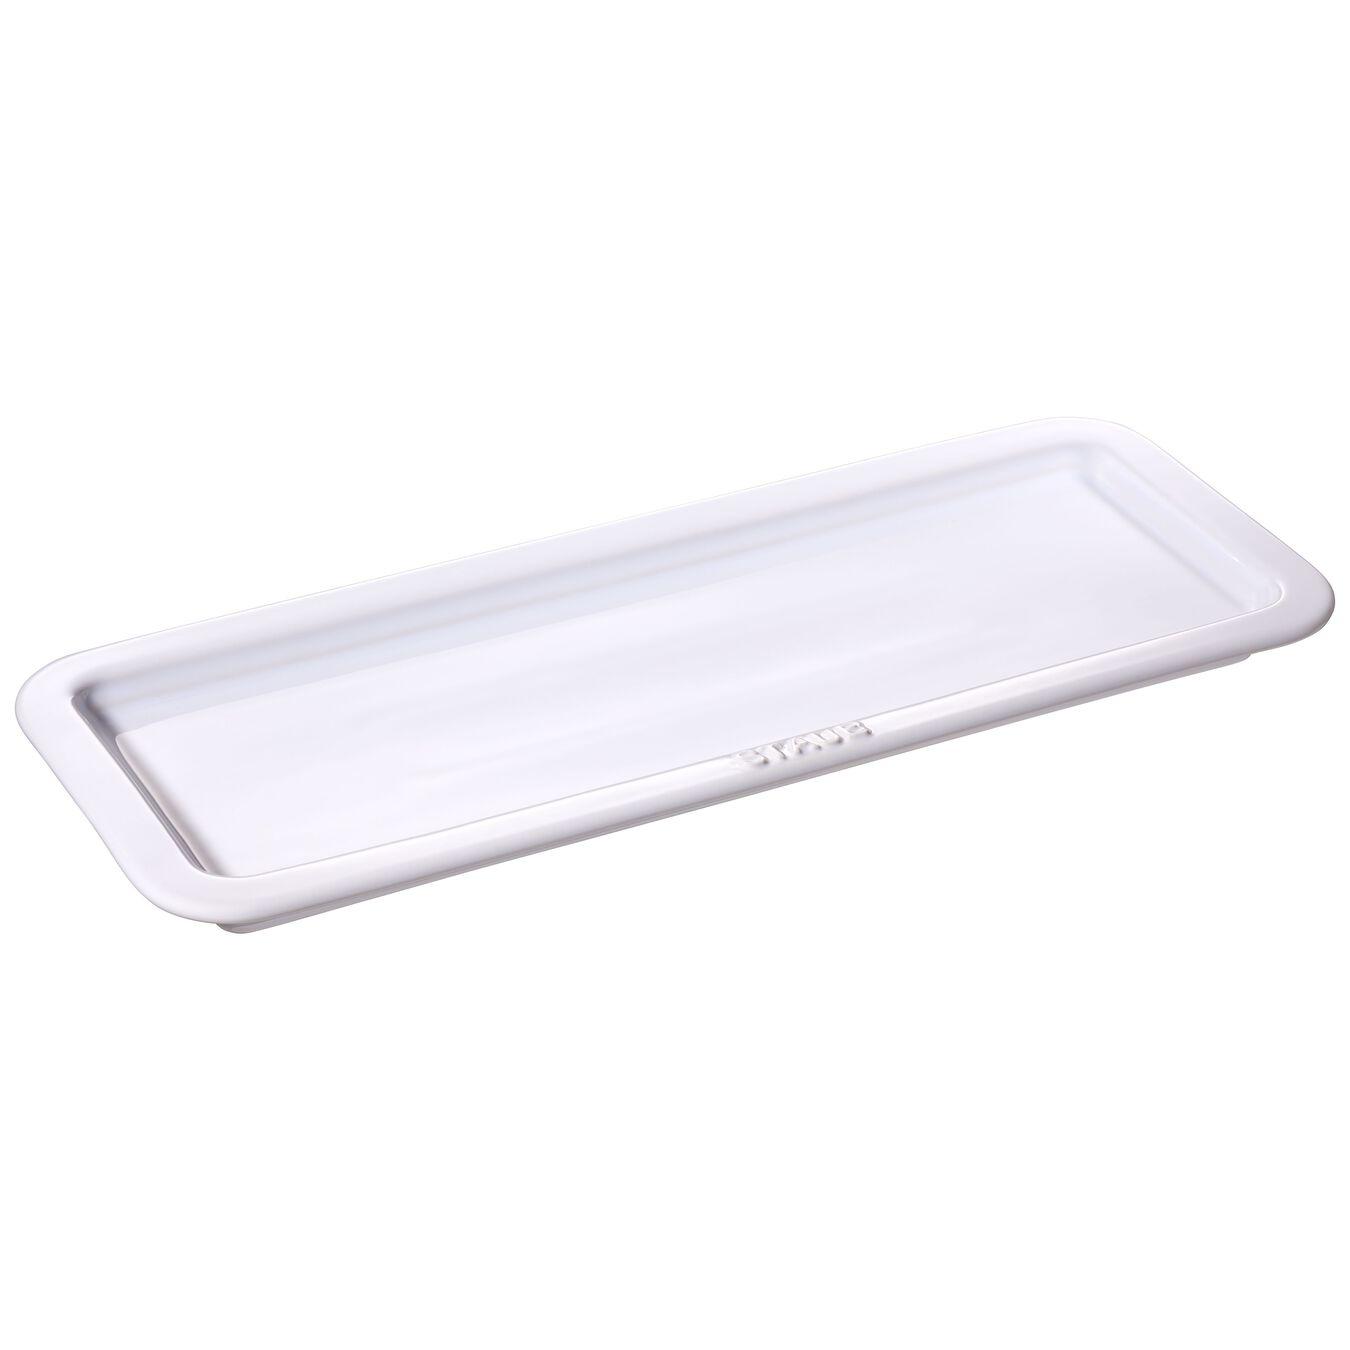 Piatto da servizio rettangolare - 36 cm x 14 cm, bianco puro,,large 1